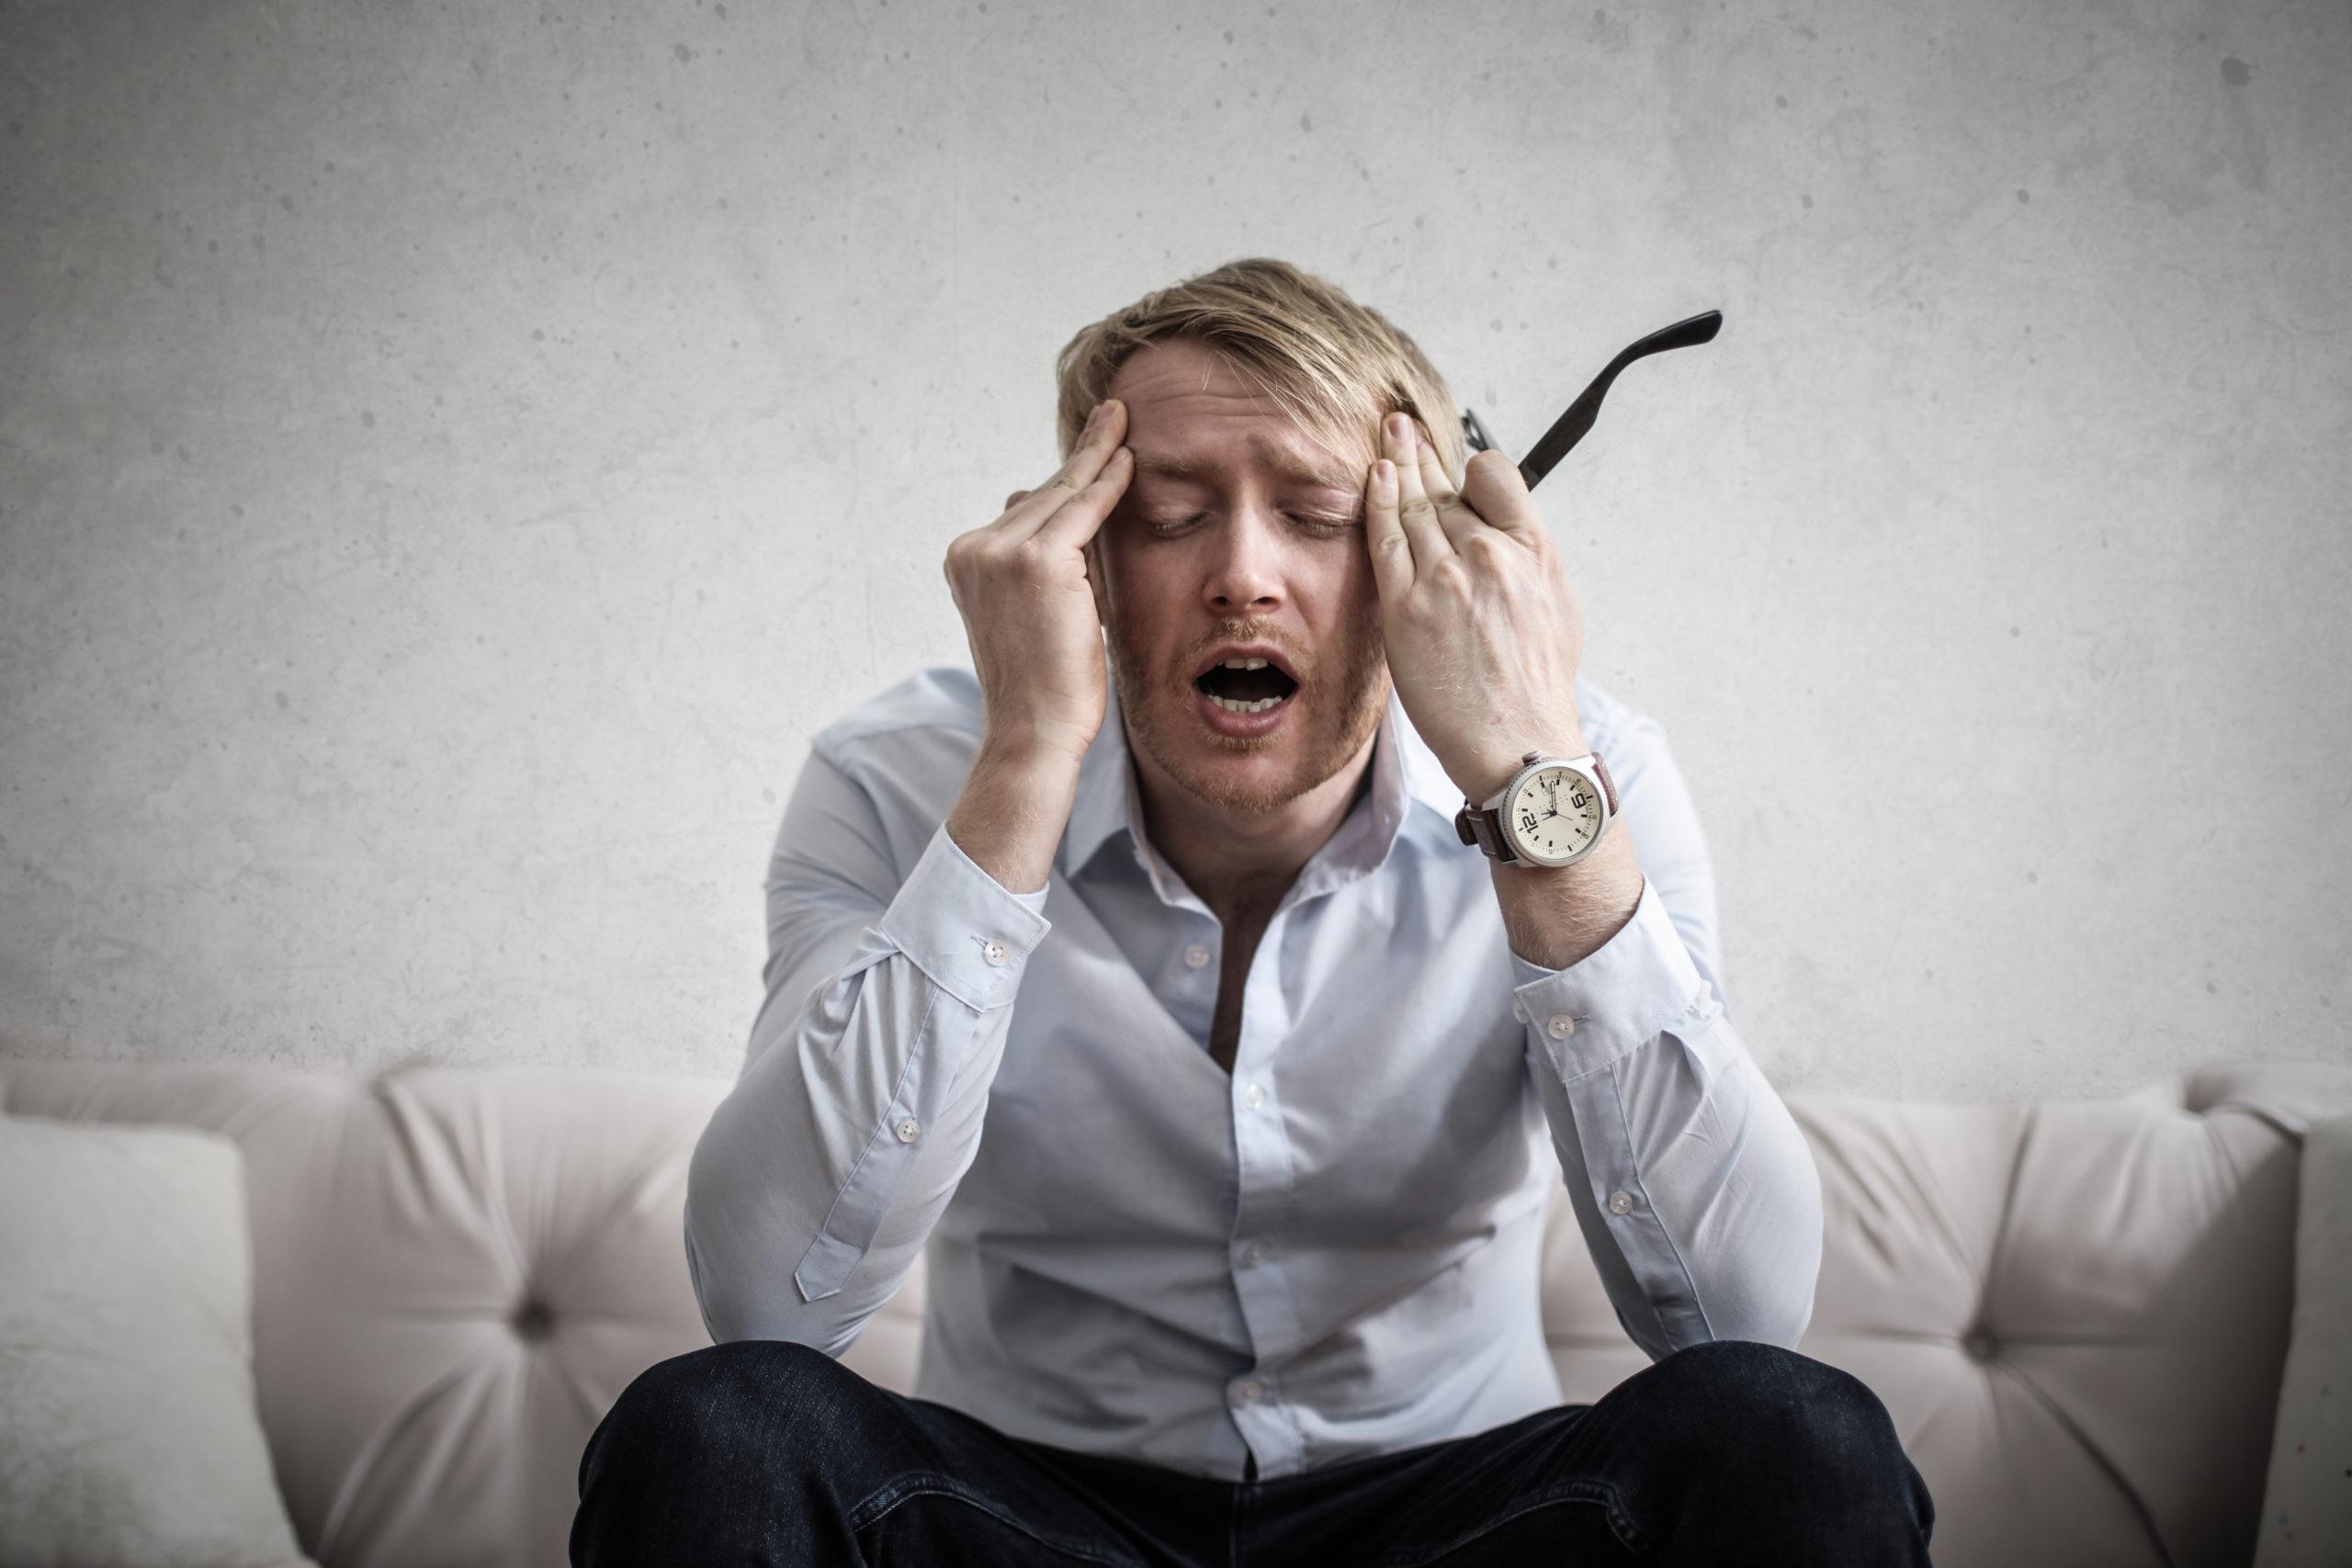 Um homem com uma expressão de estar cansado e irritado, ele está assim pois está ansioso.